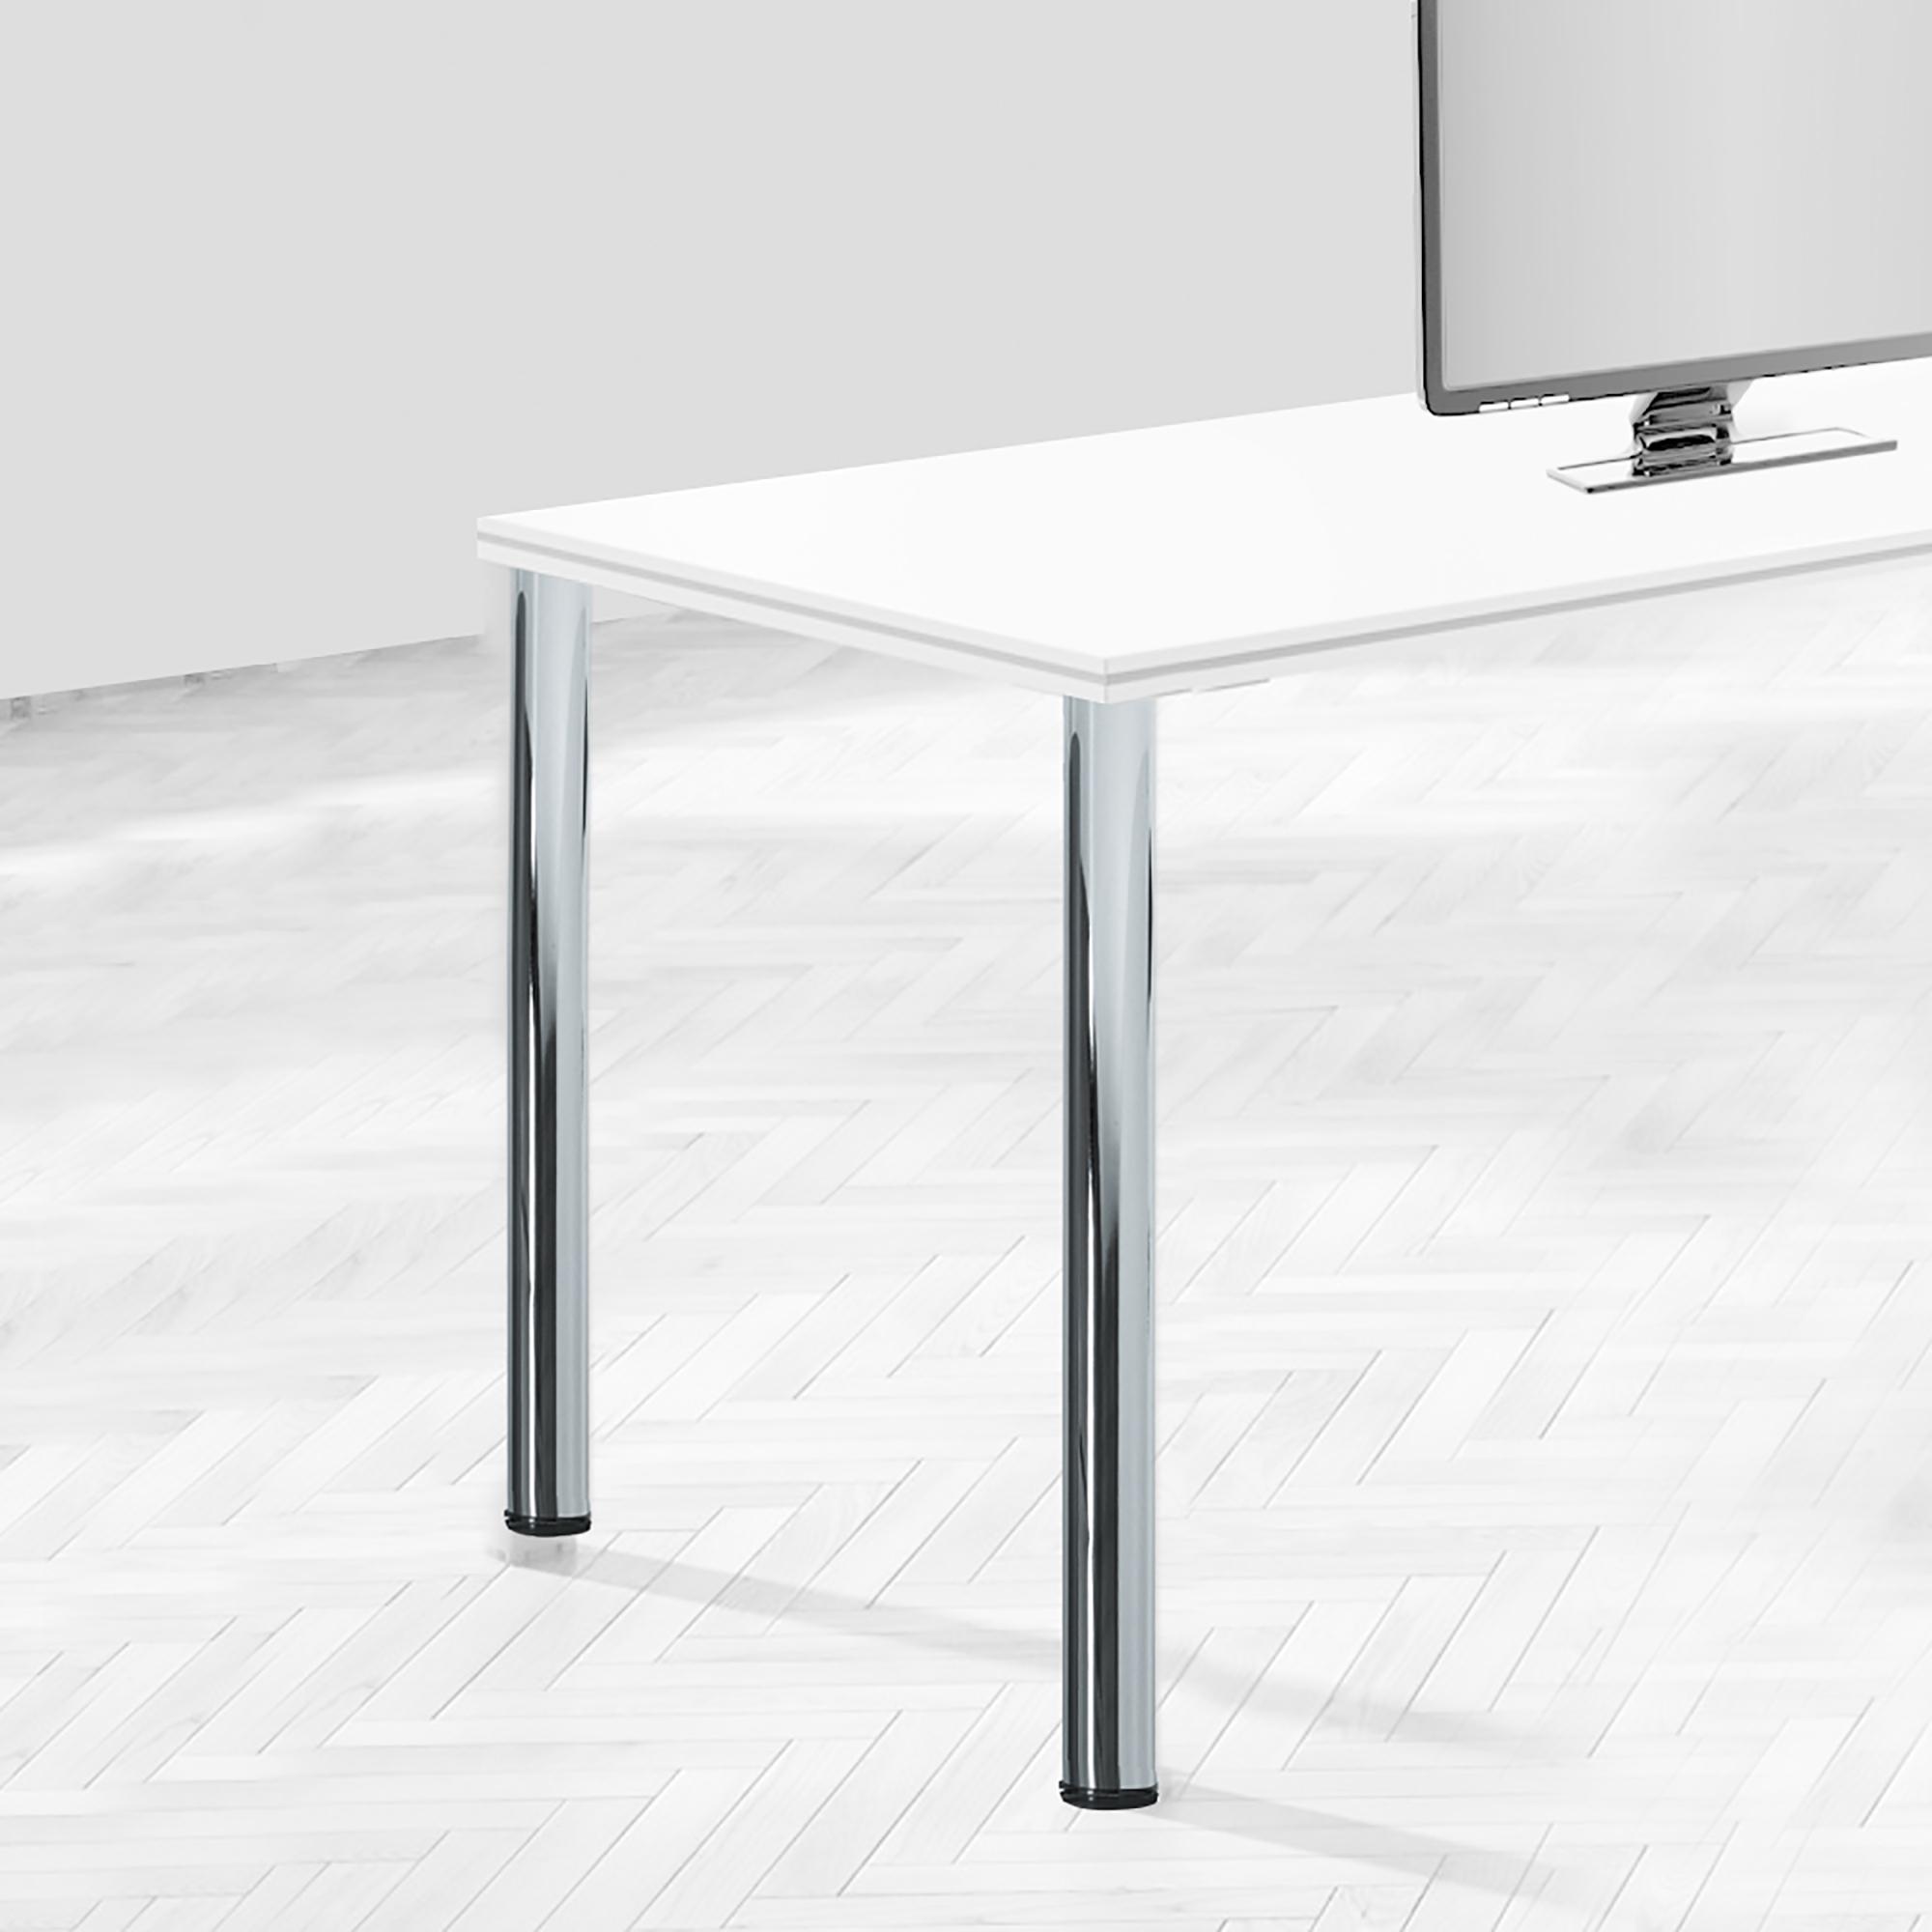 Emuca Gambe per tavolo, D. 60mm, regolabili 830 - 850 mm, Acciaio, Grigio metallizzato, 4 u.